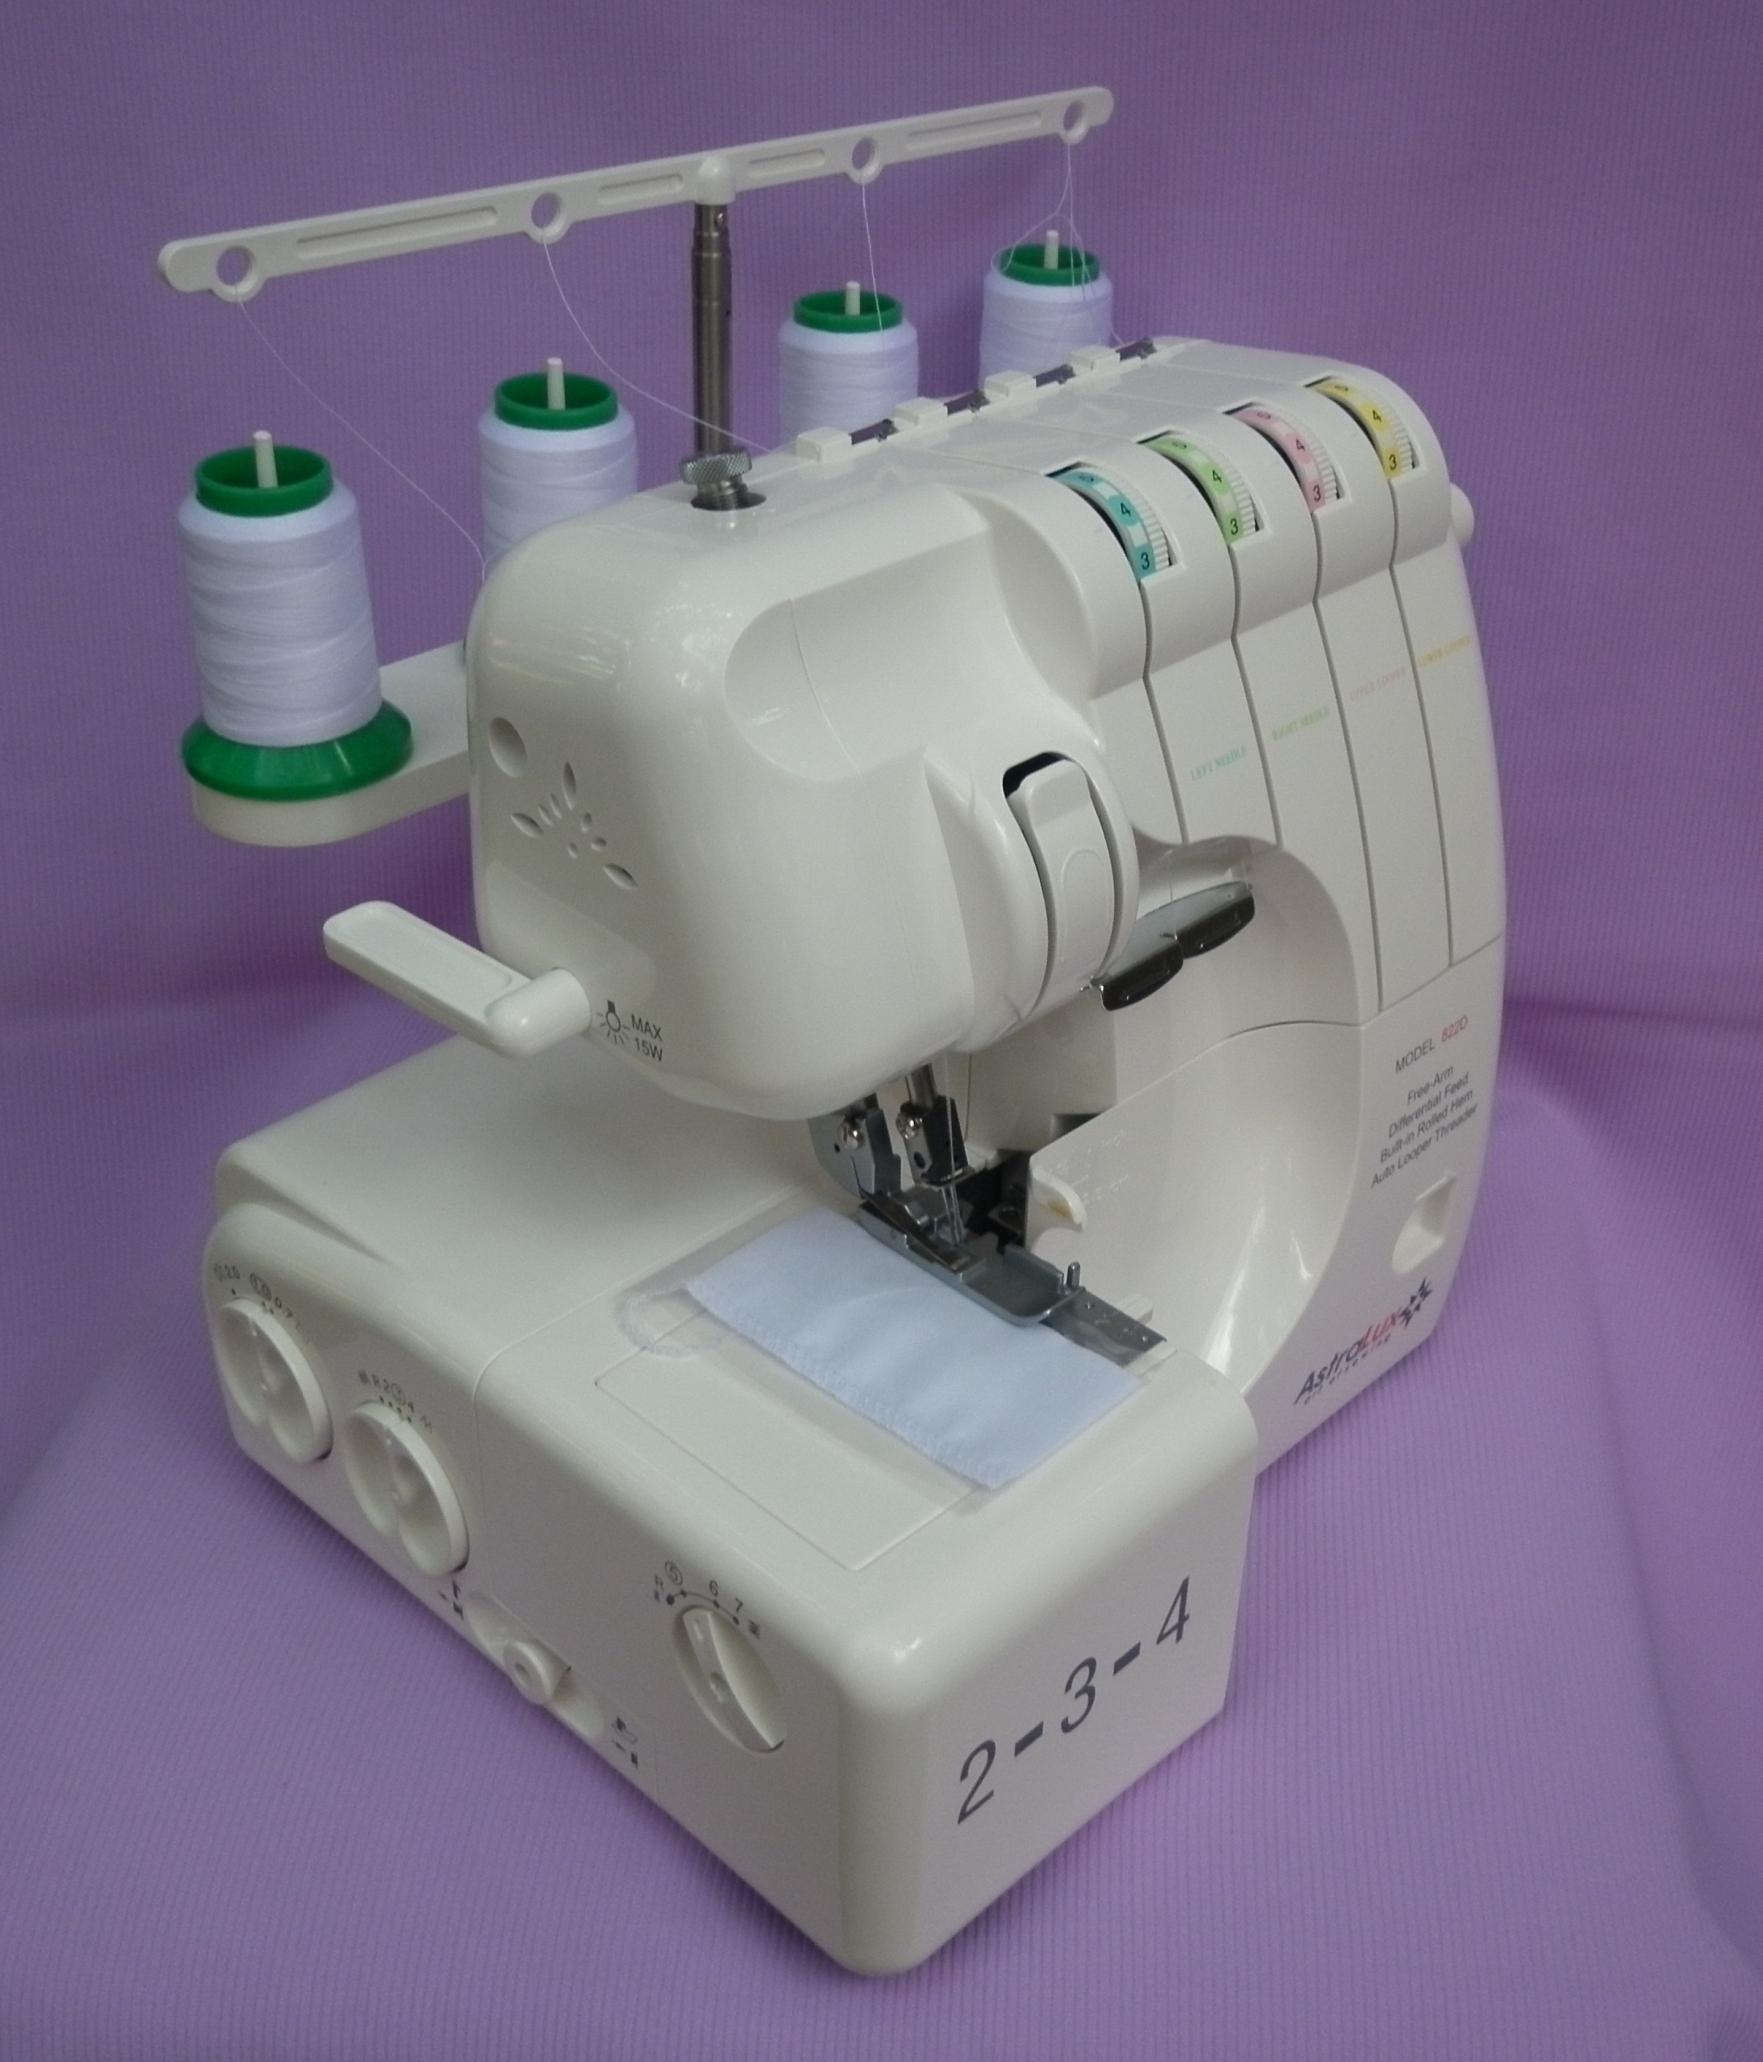 Оверлок ASTRALUX 822 D ( бытовая швейная машина, краеобмёточно - стачивающая ), внутренняя запавка ниток оверлока.